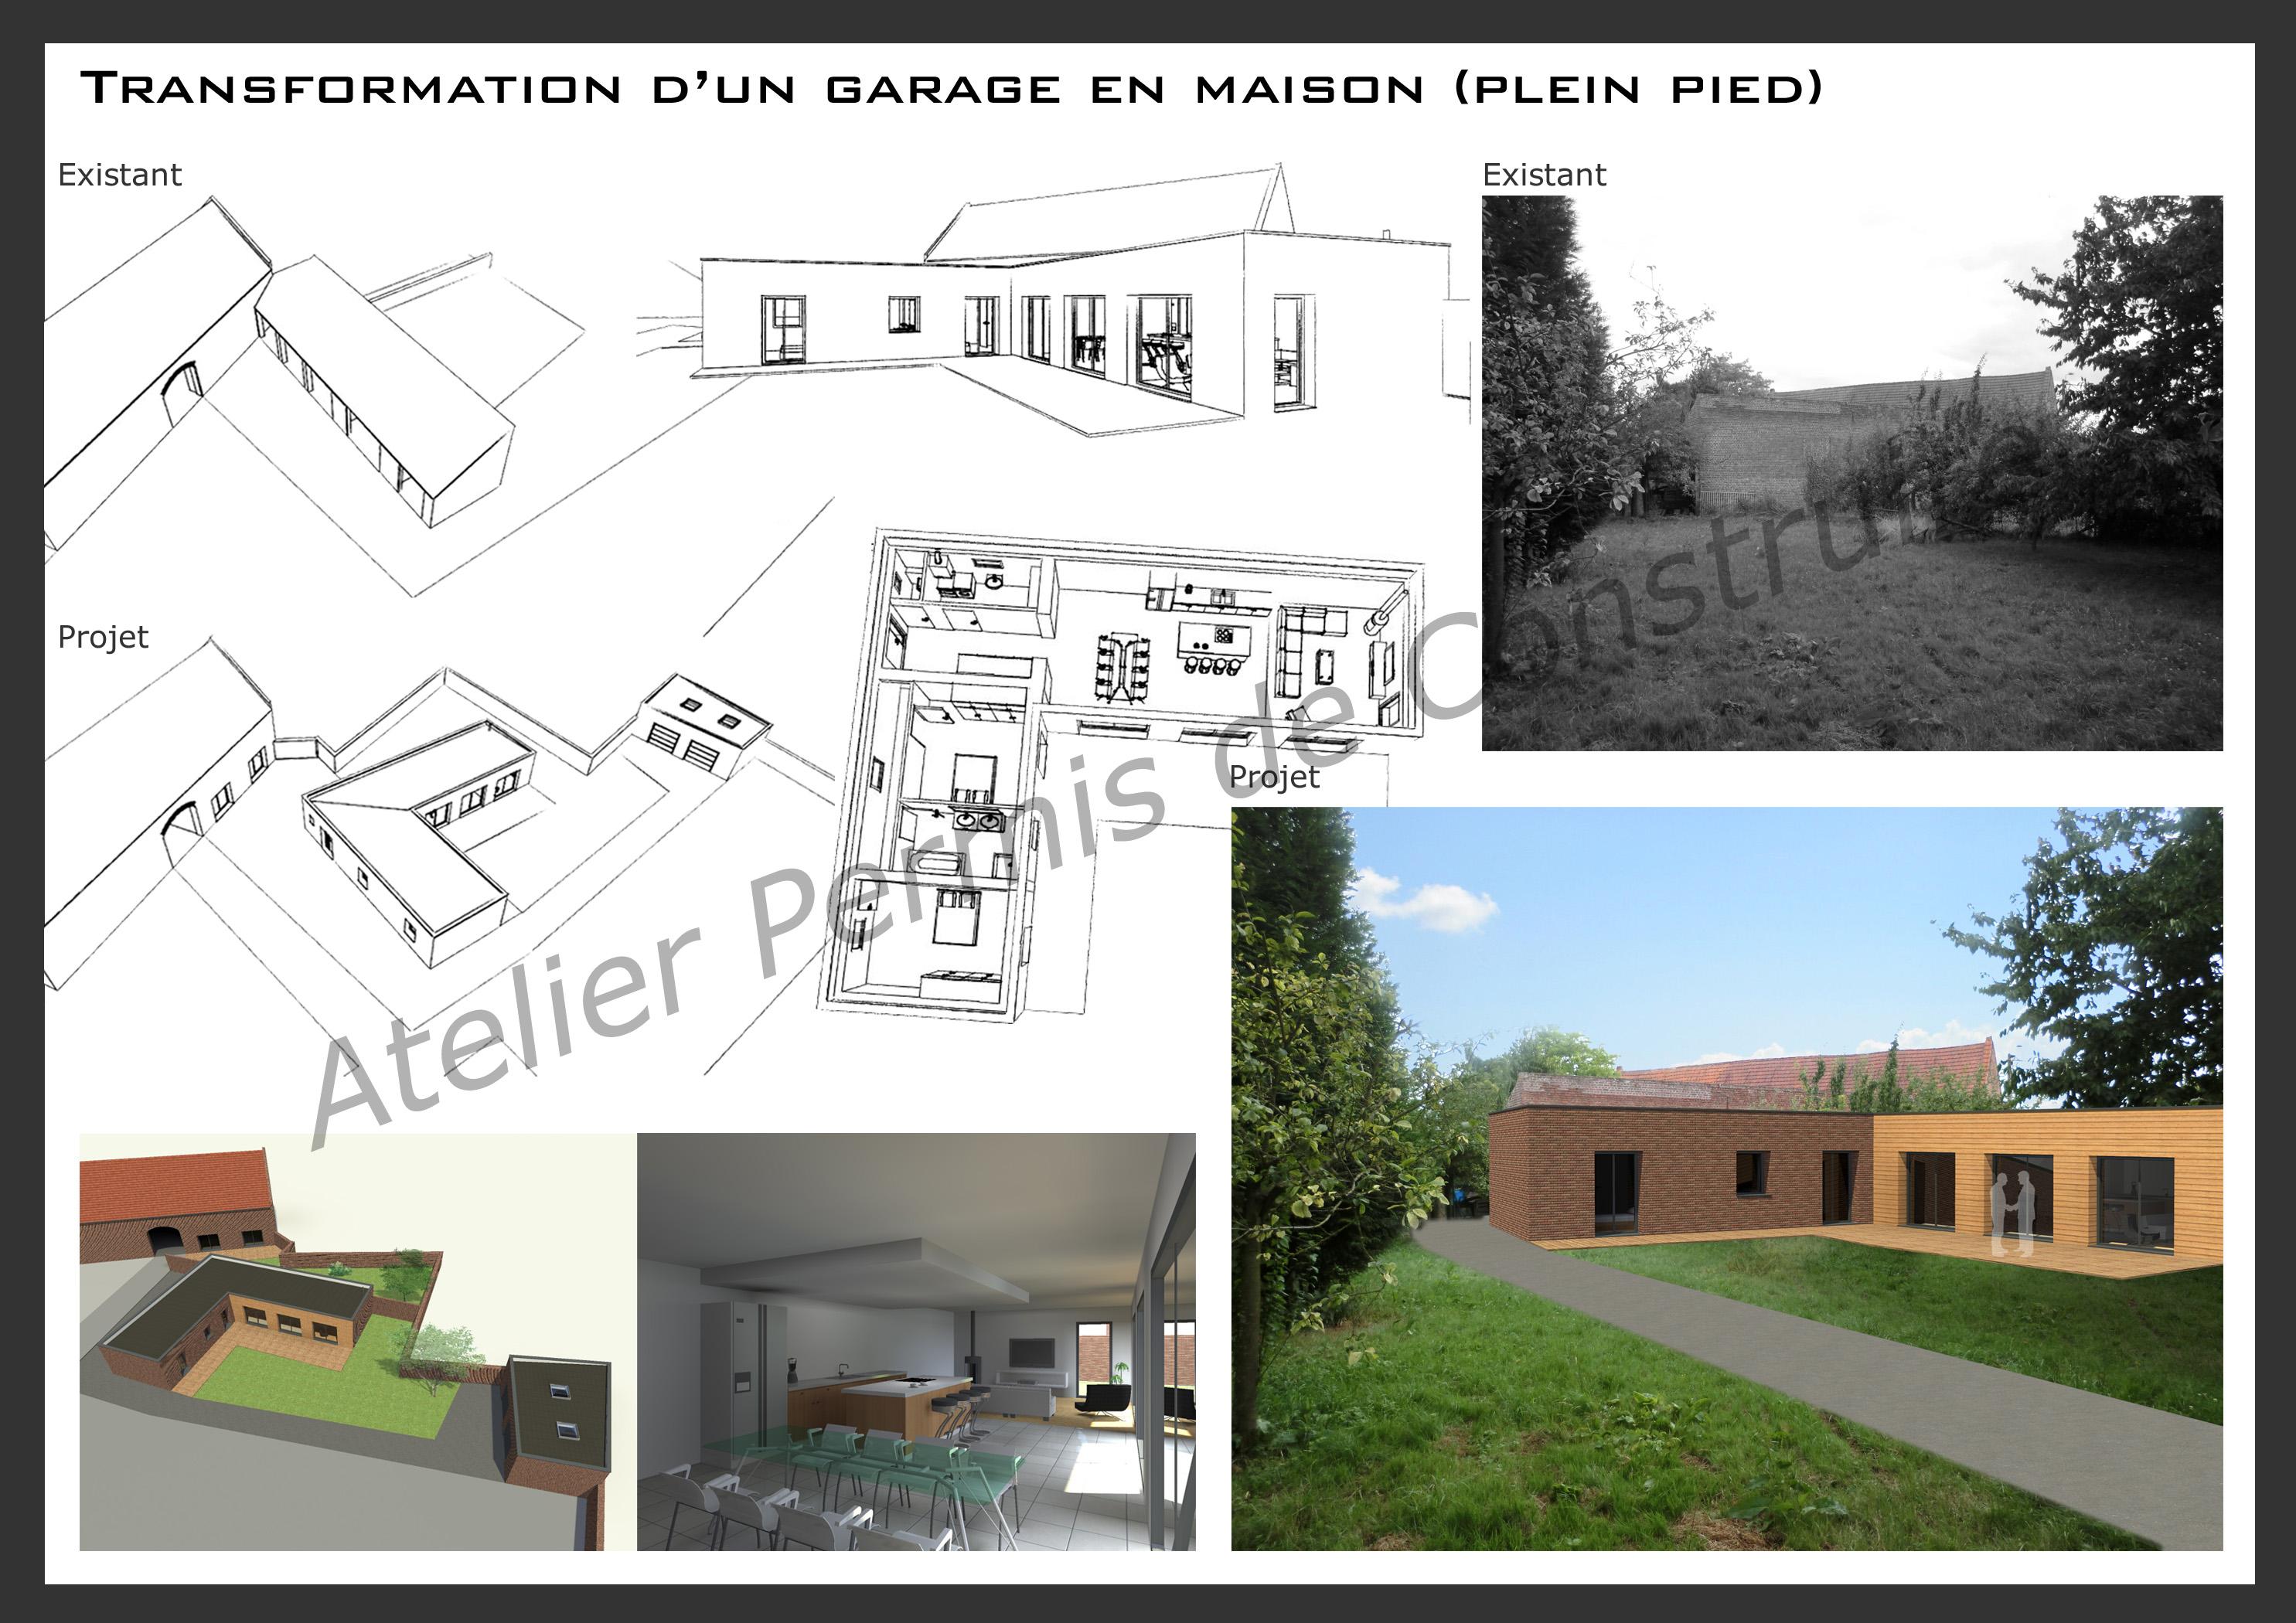 15.24 Atelier Permis de construire rénovation nord architecte